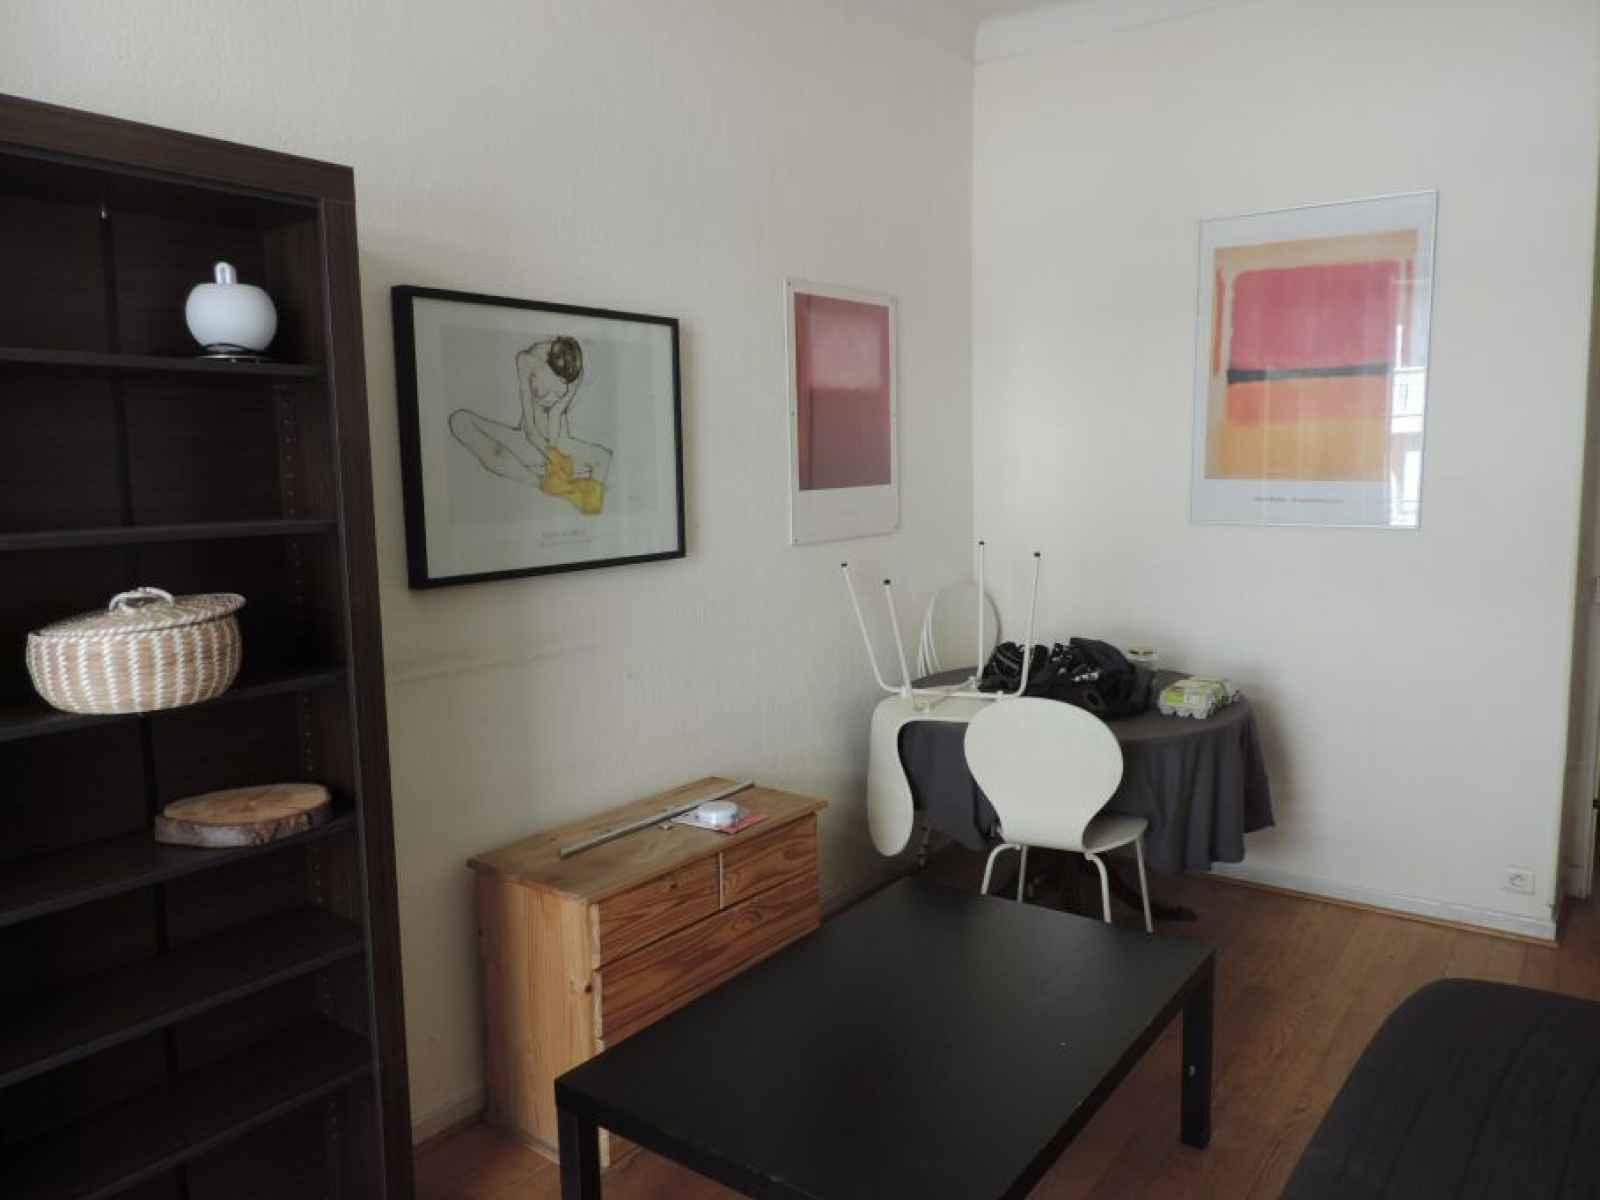 Vente Appartement 3 Pieces Nice Le Port Dinamy Immobilier